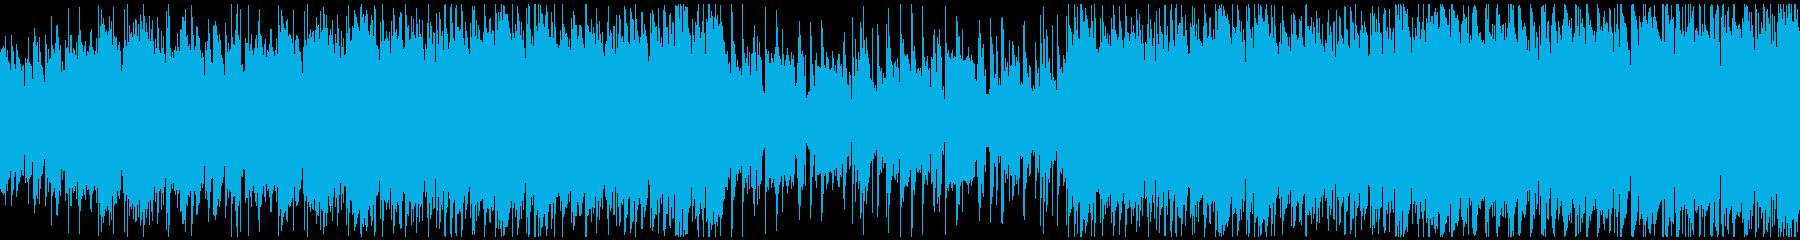 映像・穏やかな日常・ループの再生済みの波形